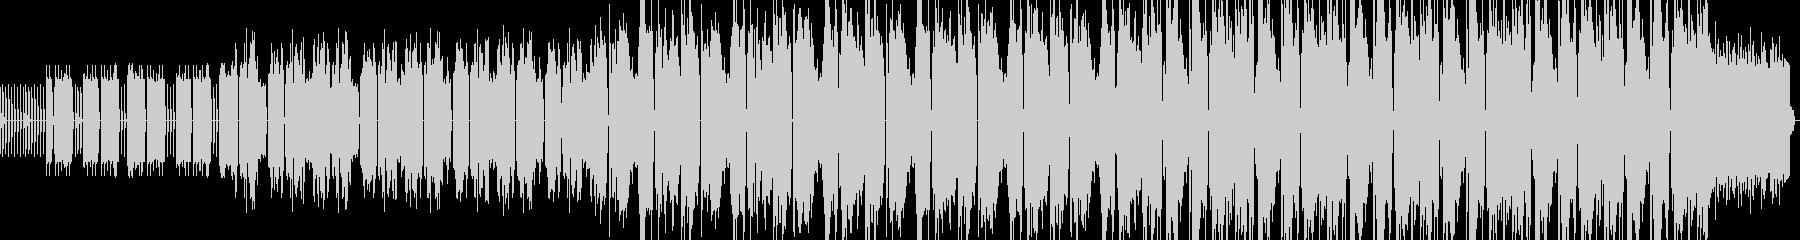 コミカルな1分間ゲームミュージックテクノの未再生の波形